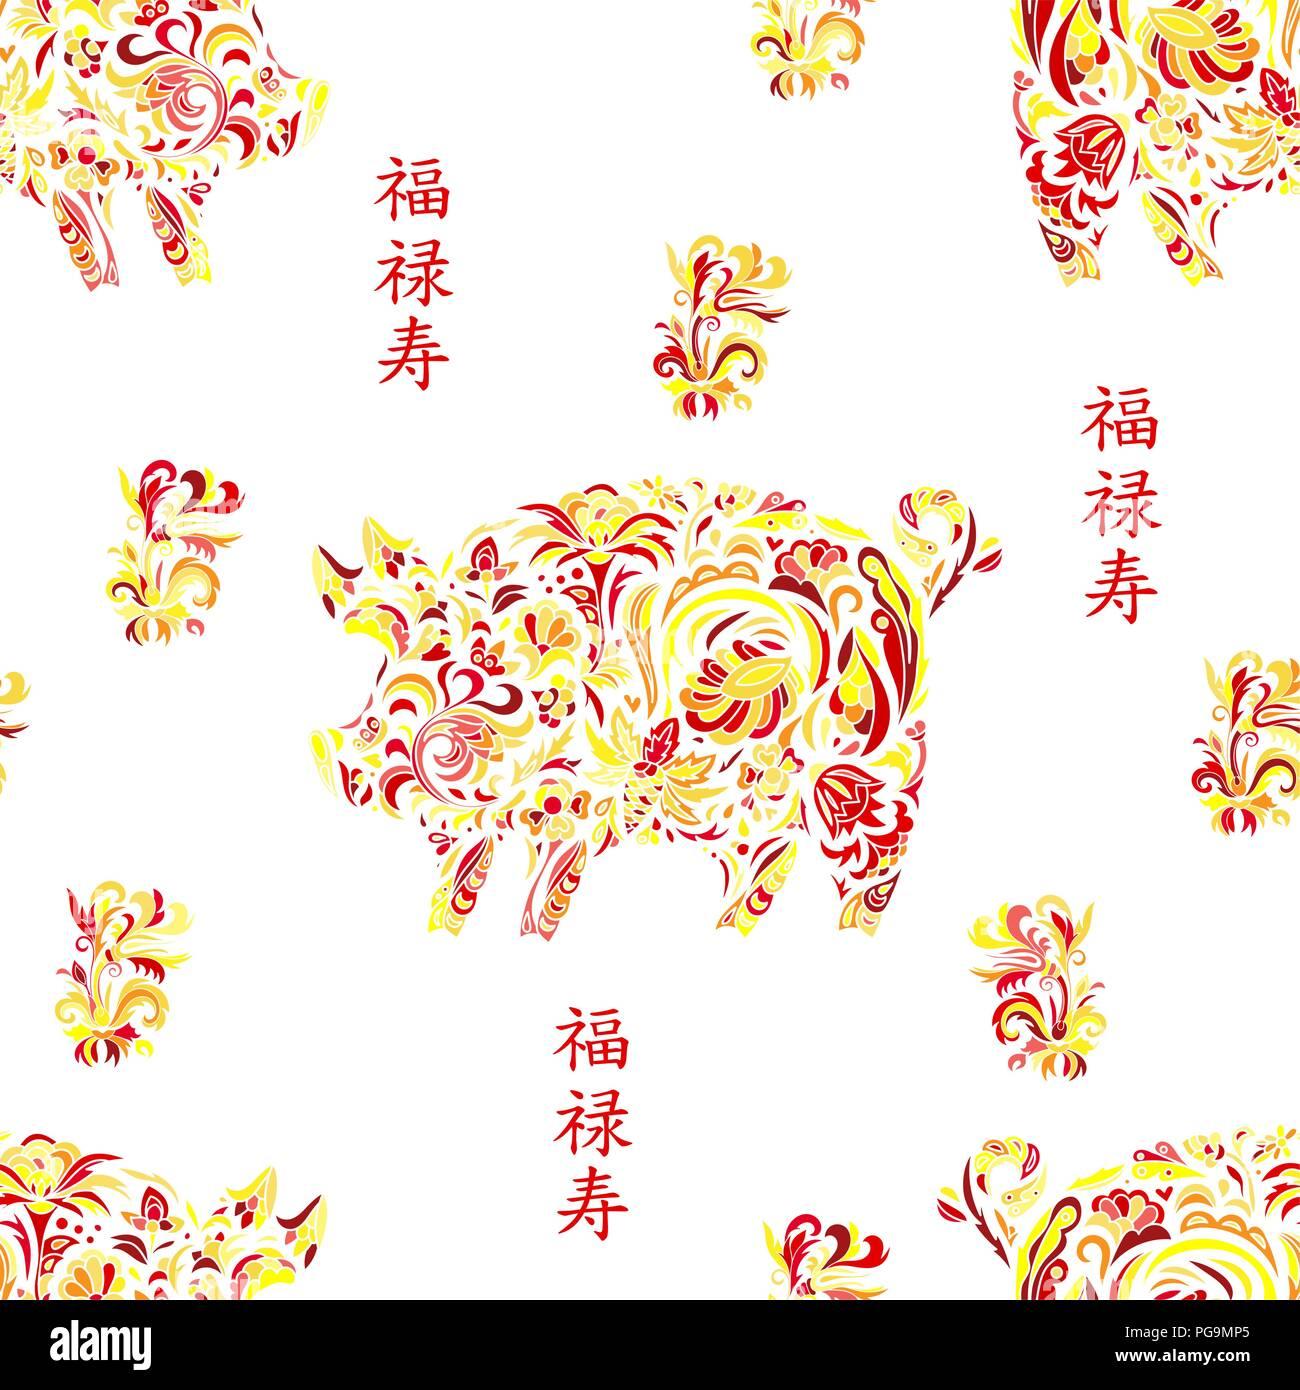 Modèle transparent avec des porcs sur style zentangle. Symbole du Nouvel An chinois 2019 Année du cochon arrière-plan. Vecteur. Hiéroglyphe Traduction: bonheur, effcrts coordonncs soient Photo Stock